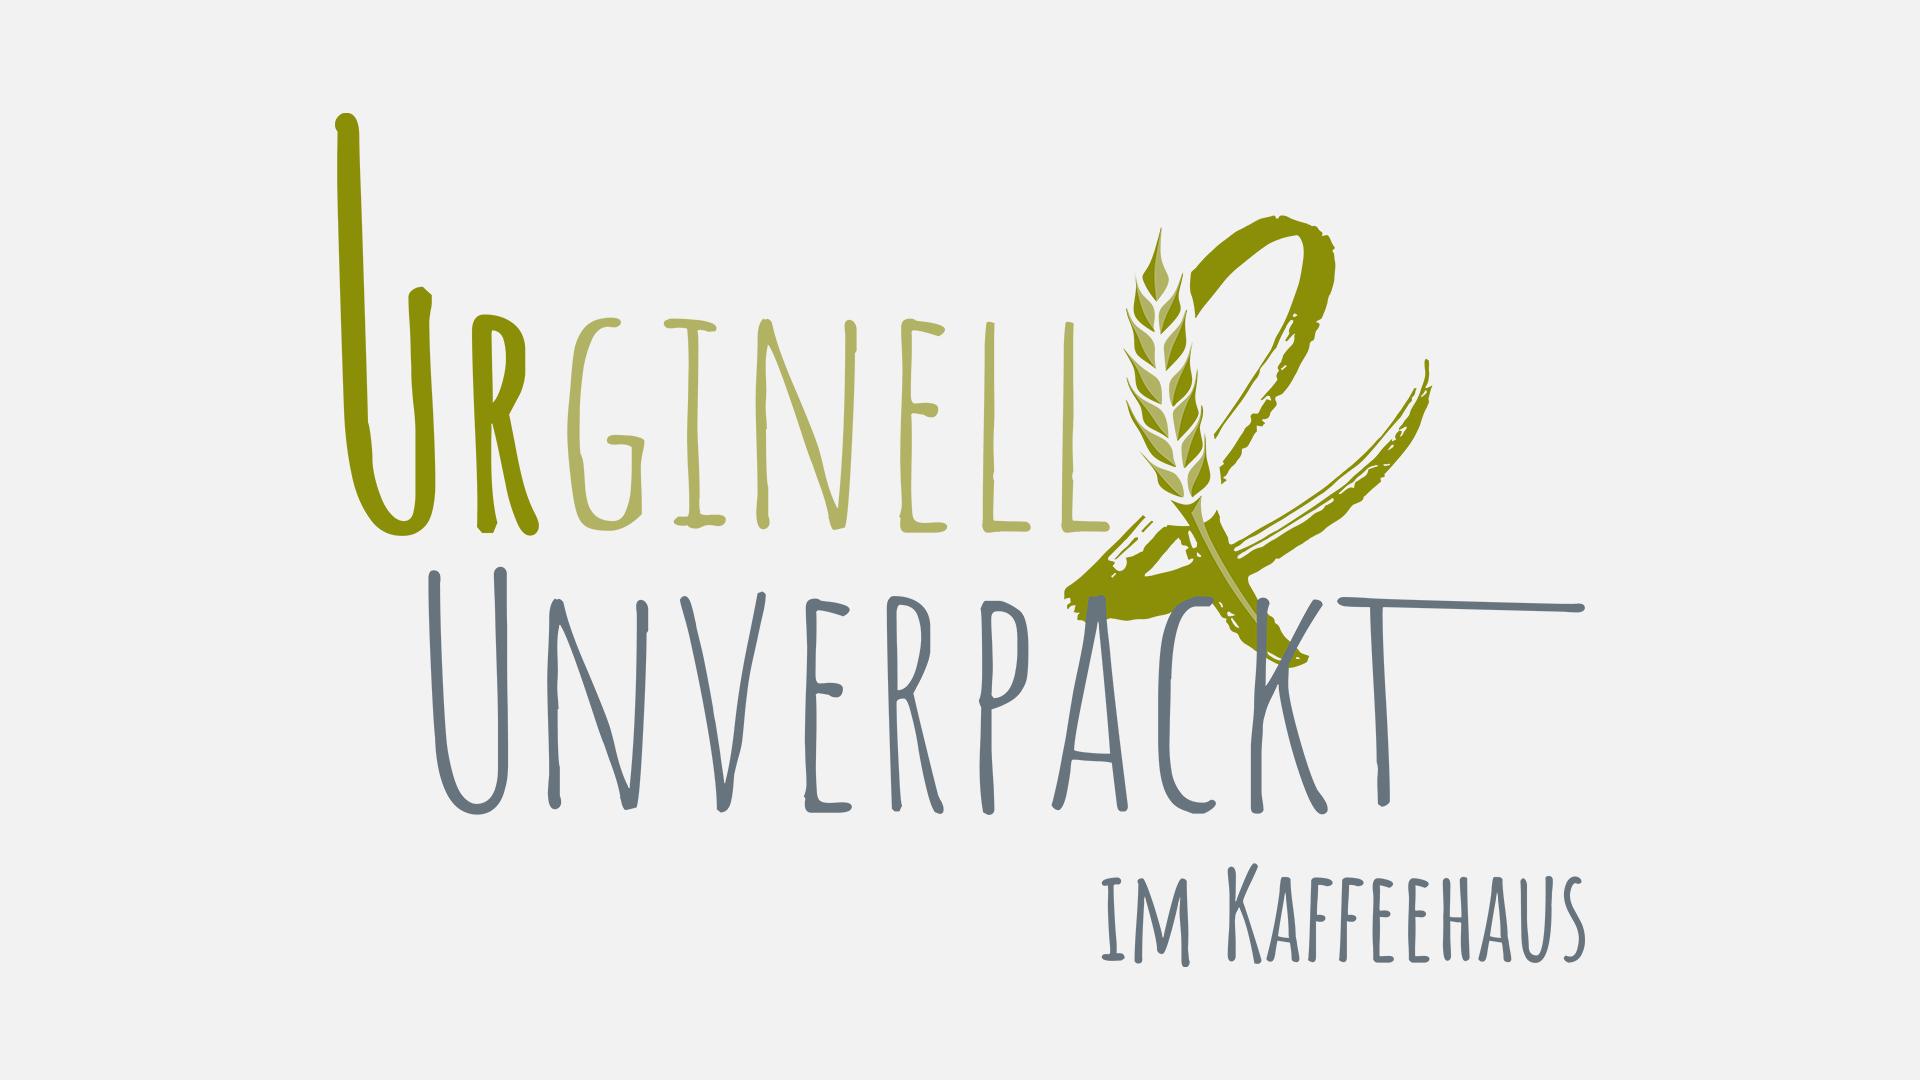 Logo Urginell & Unverpackt im Kaffeehaus, Remscheid